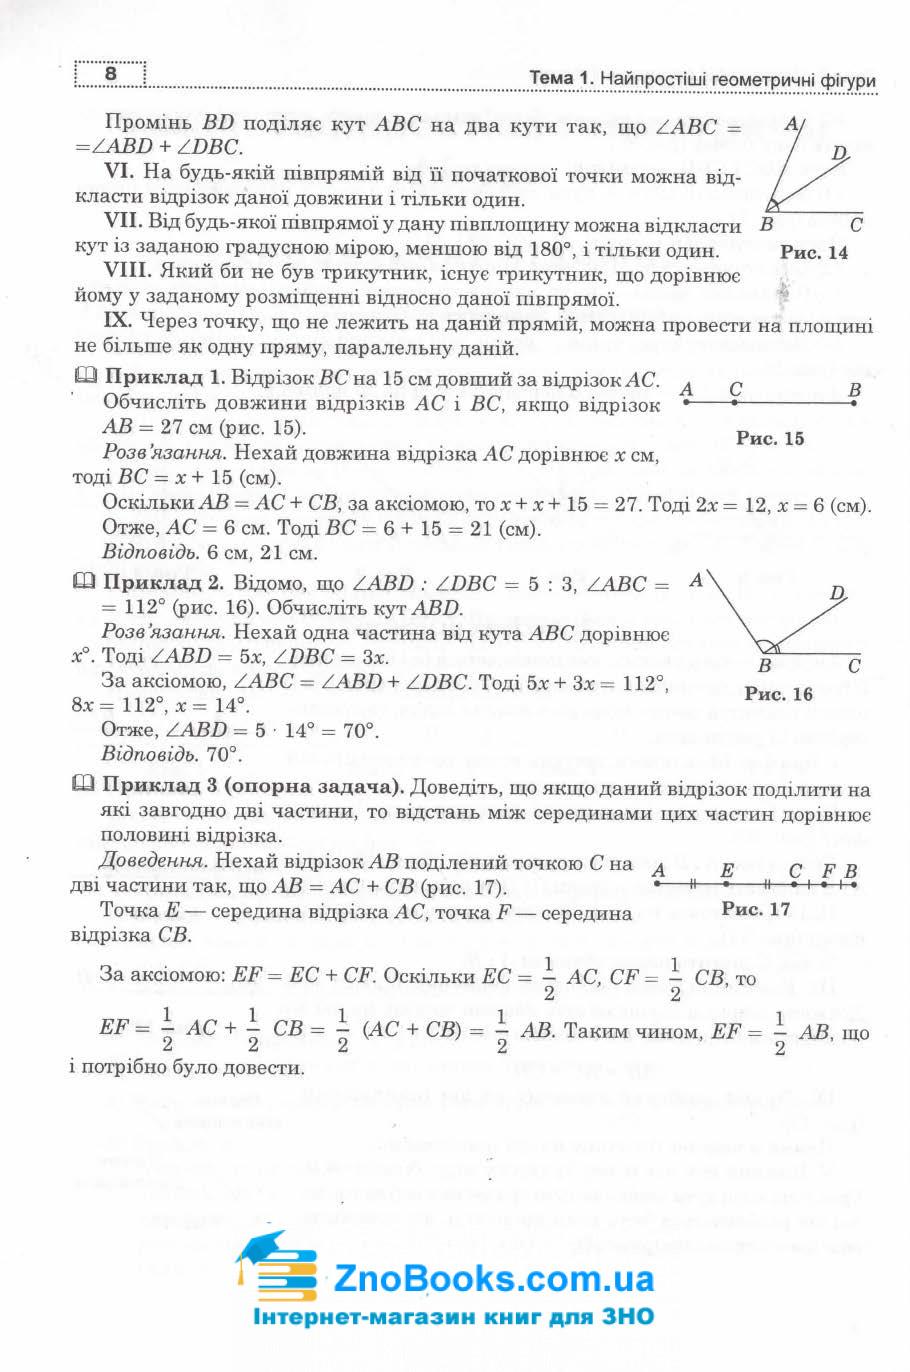 Клочко І. Математика ЗНО 2022. Геометрія. Частина 1 : Навчальна книга - Богдан. 8